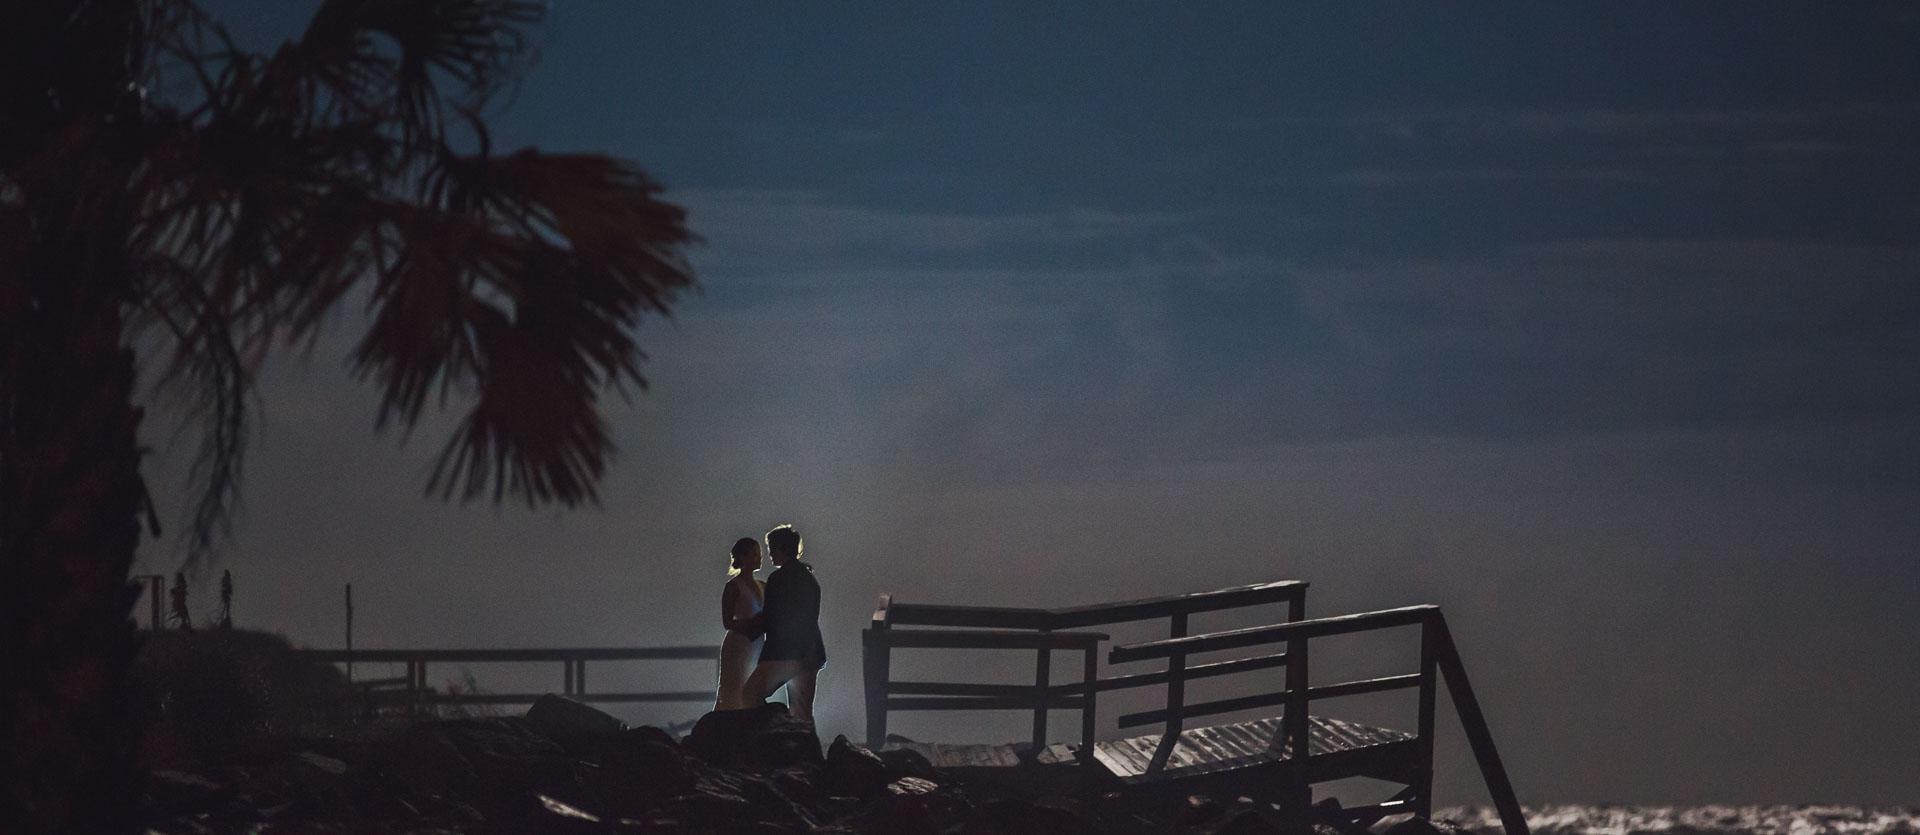 Night Romance